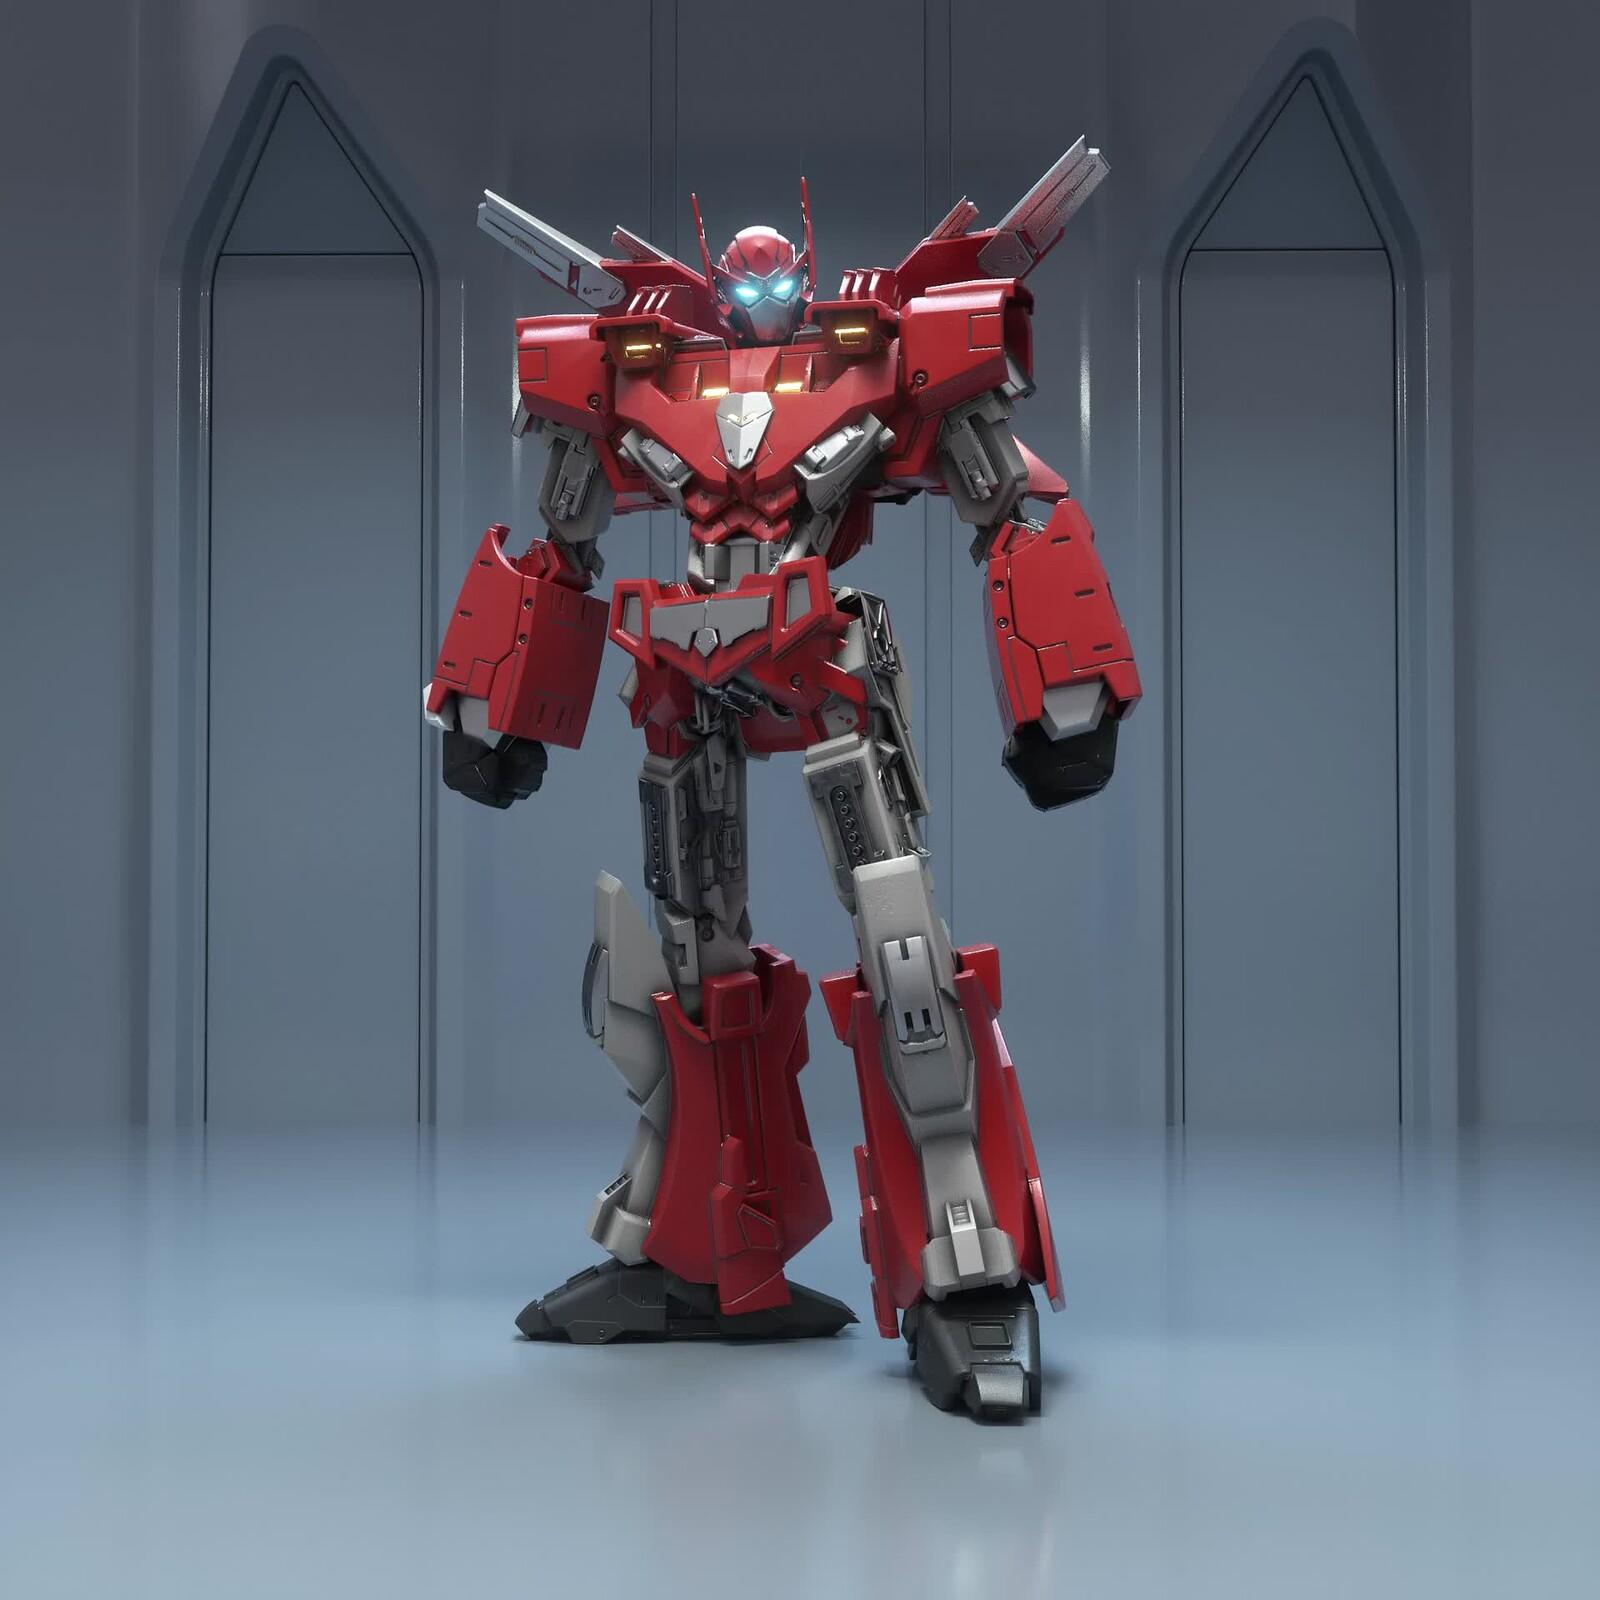 My Robot 1 sculpture